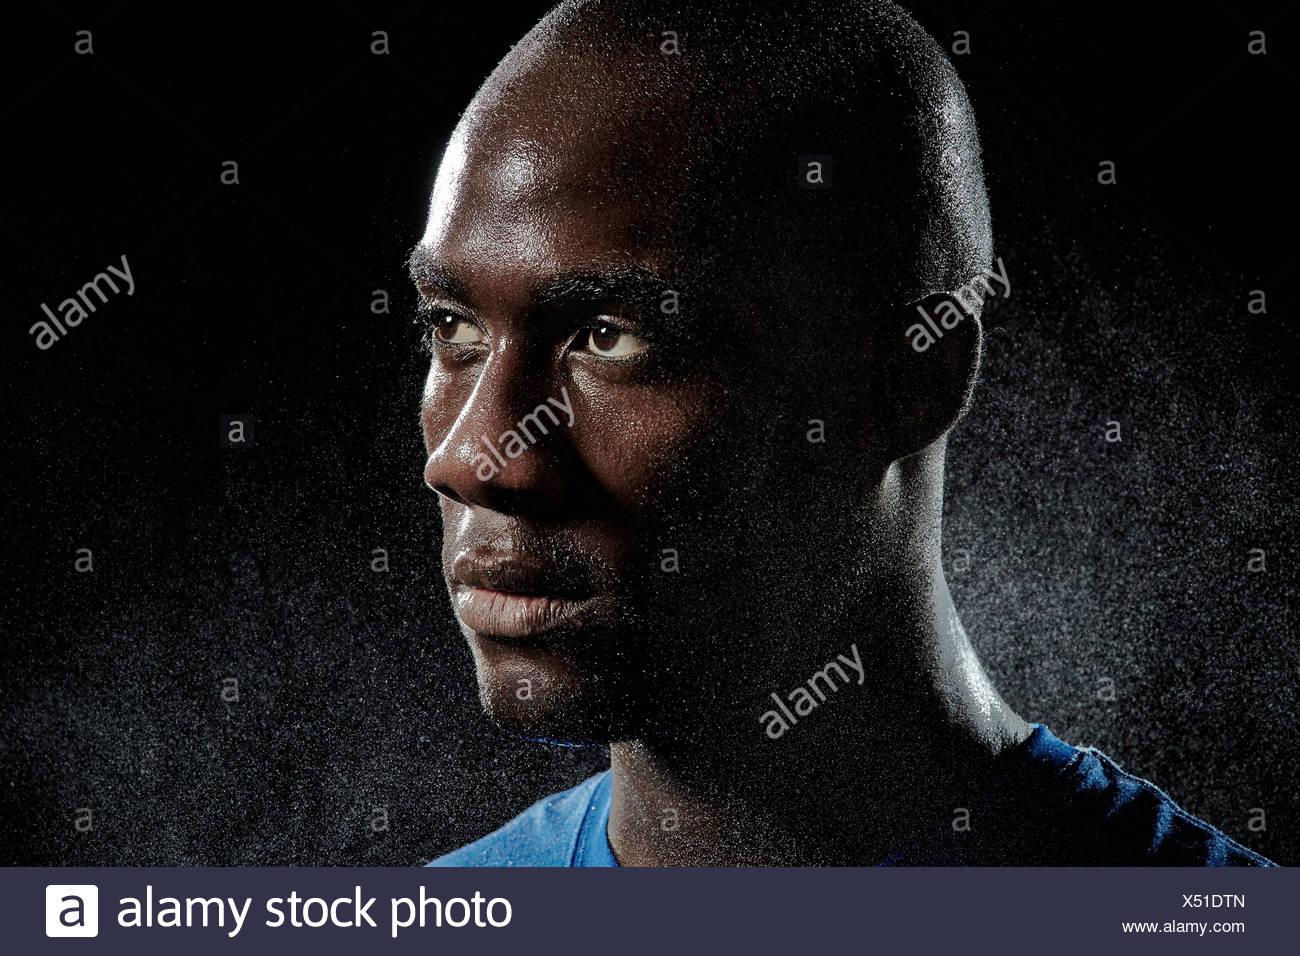 Porträt von Basketball-Spieler hautnah Stockfoto